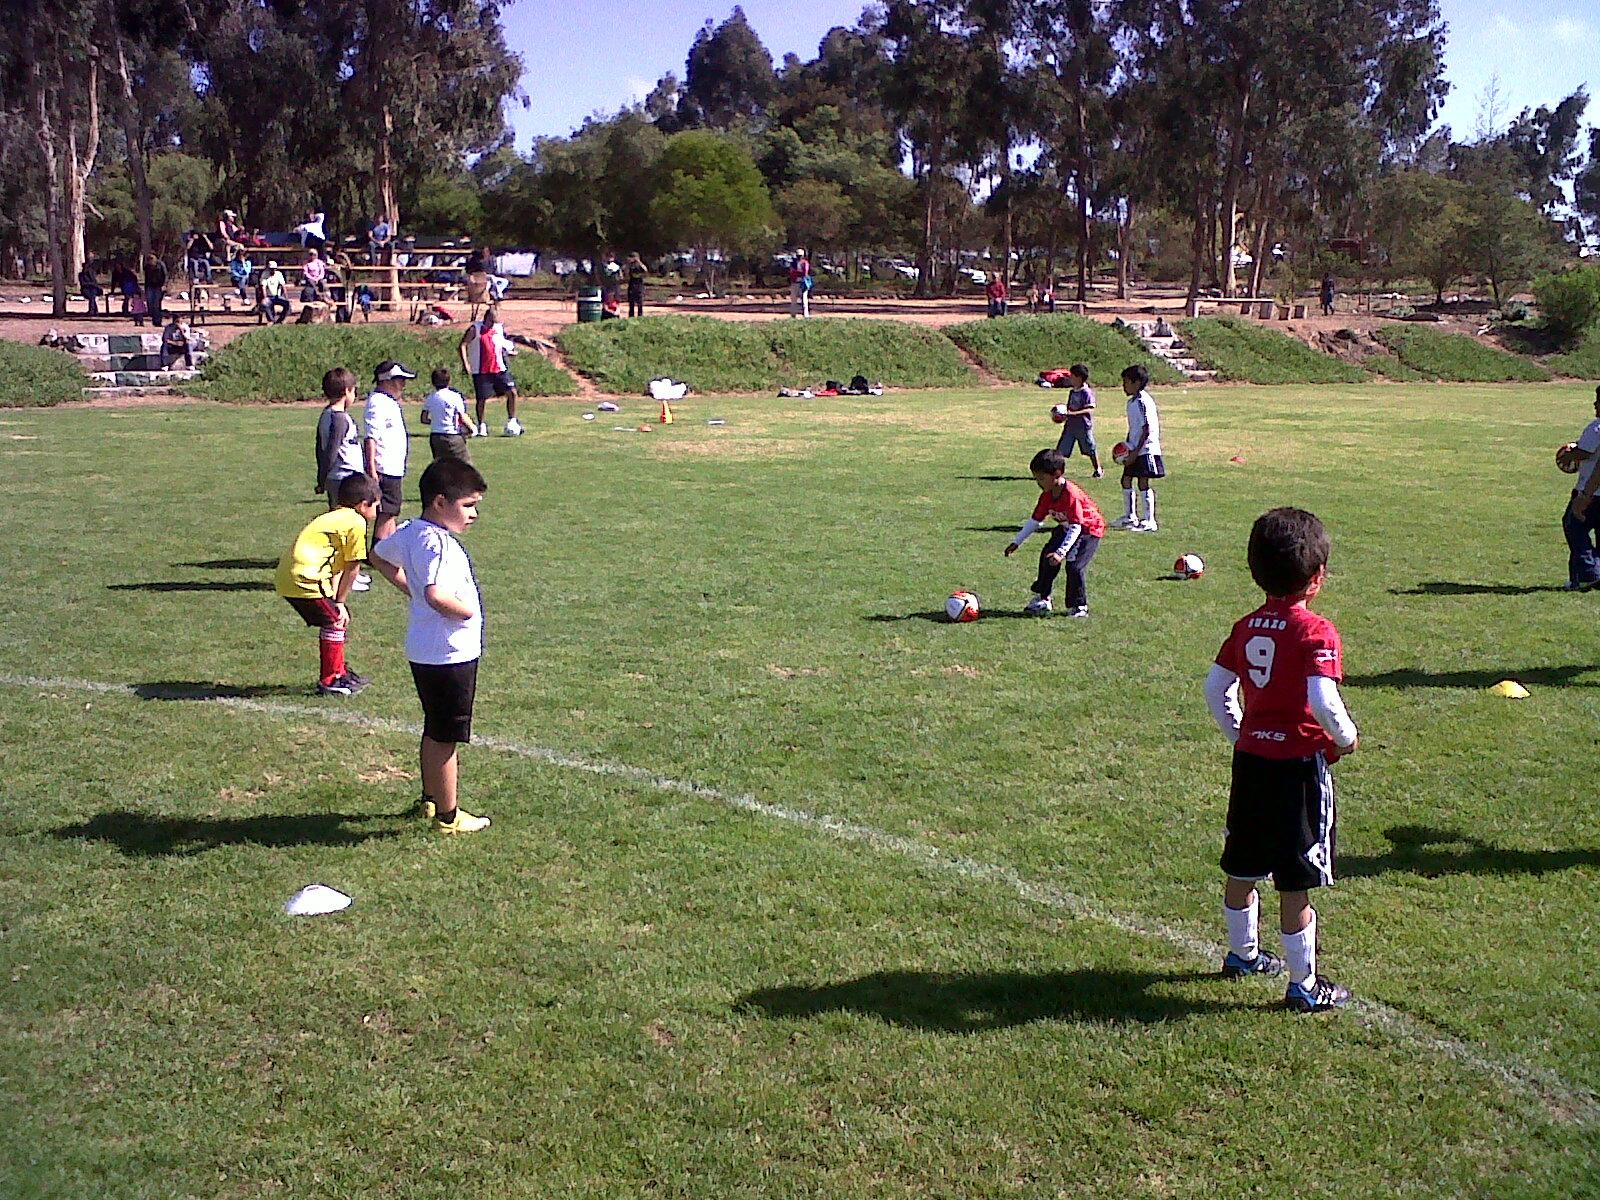 Actividades Recreativas Para Niños Y Adolescentes El Futbol